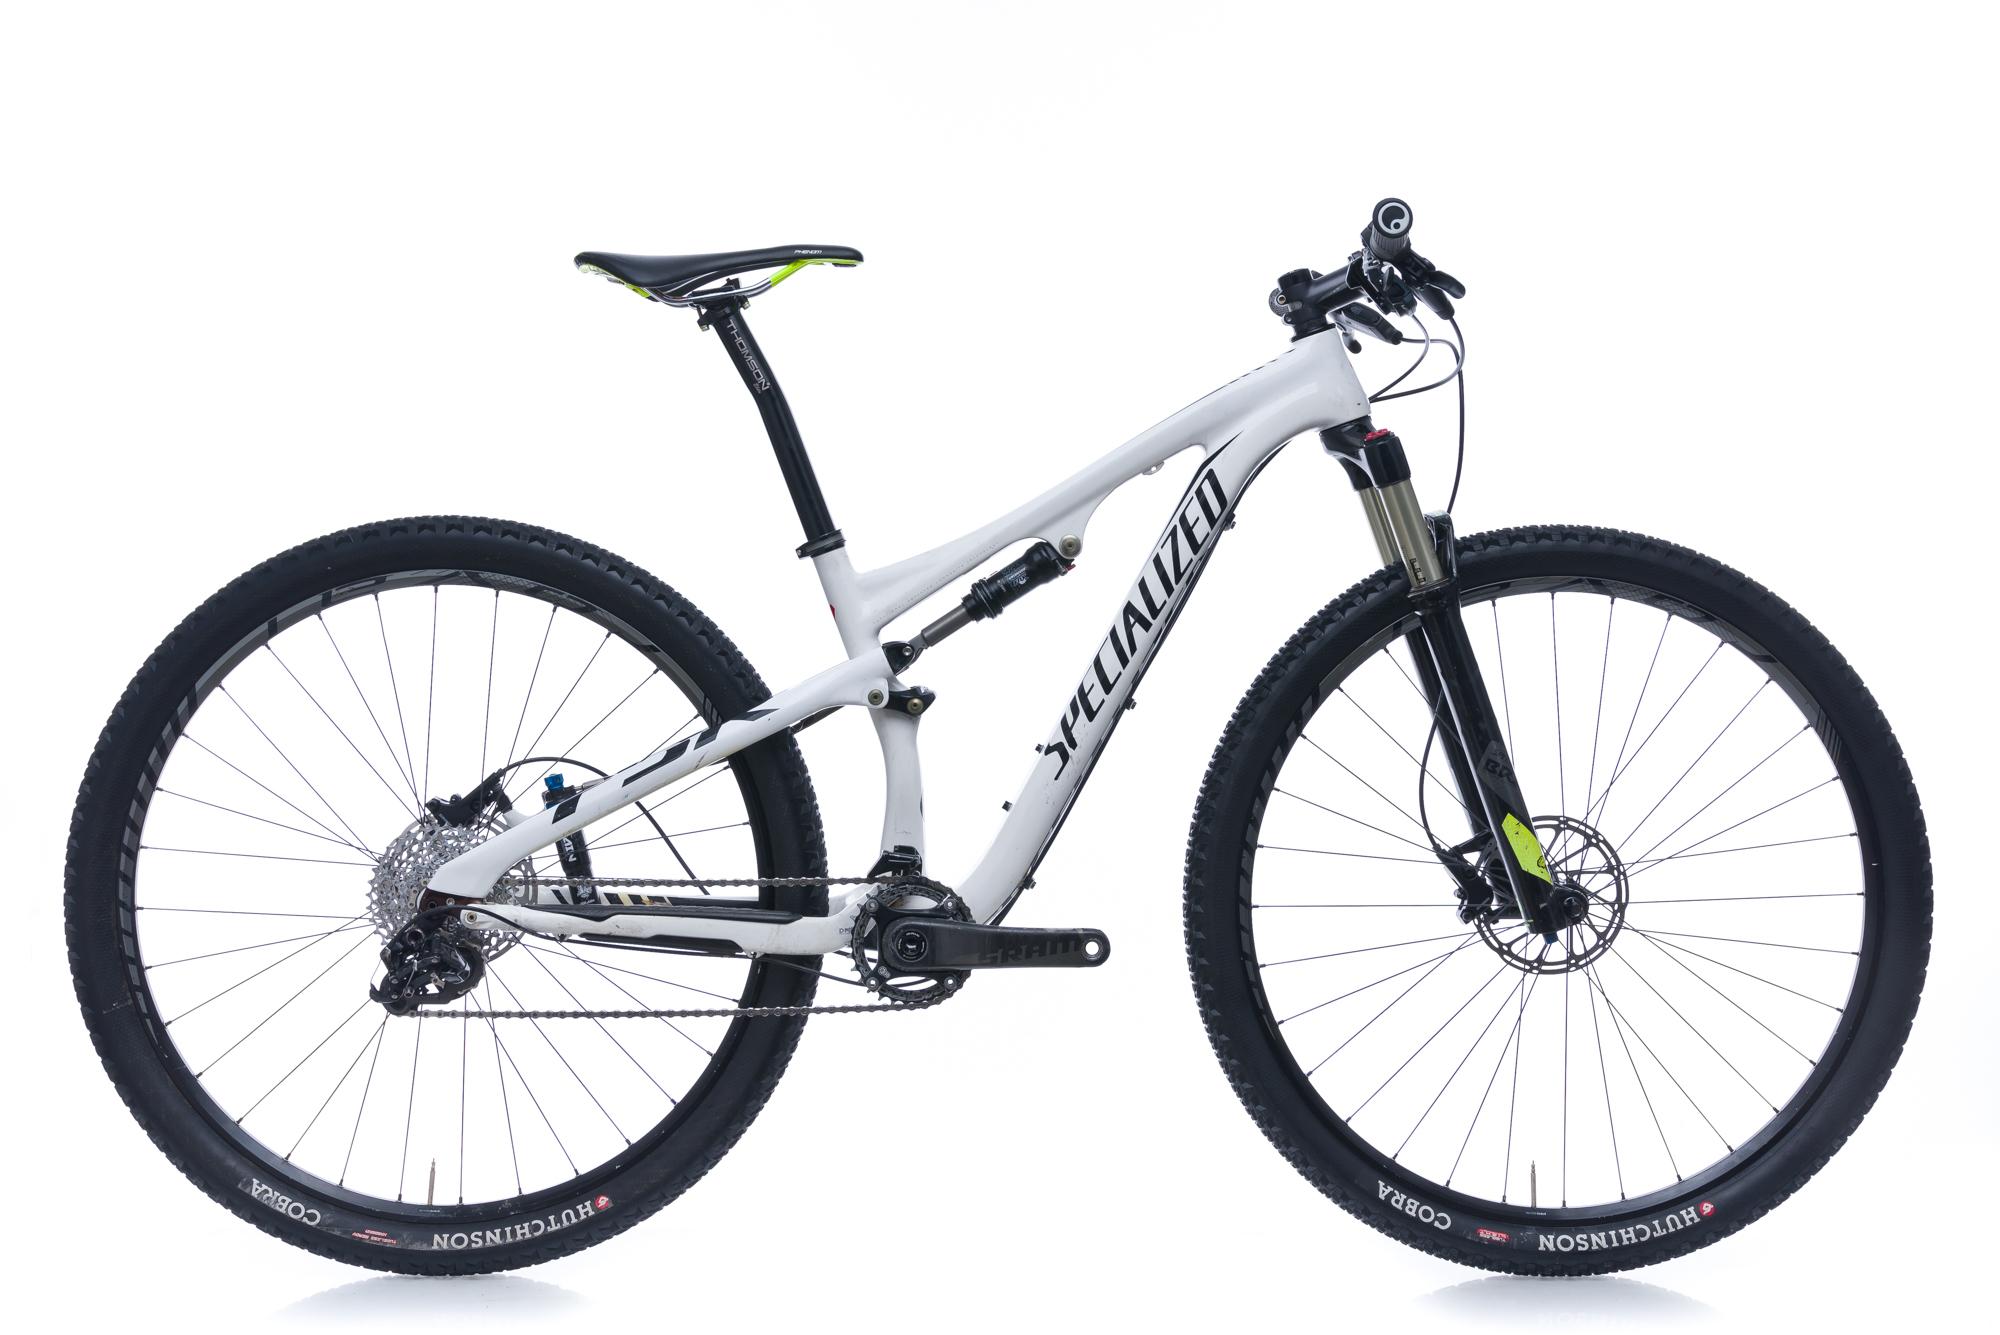 Szczegóły o 2013 Specialized Epic Expert Evo FSR Mountain Bike Small 29